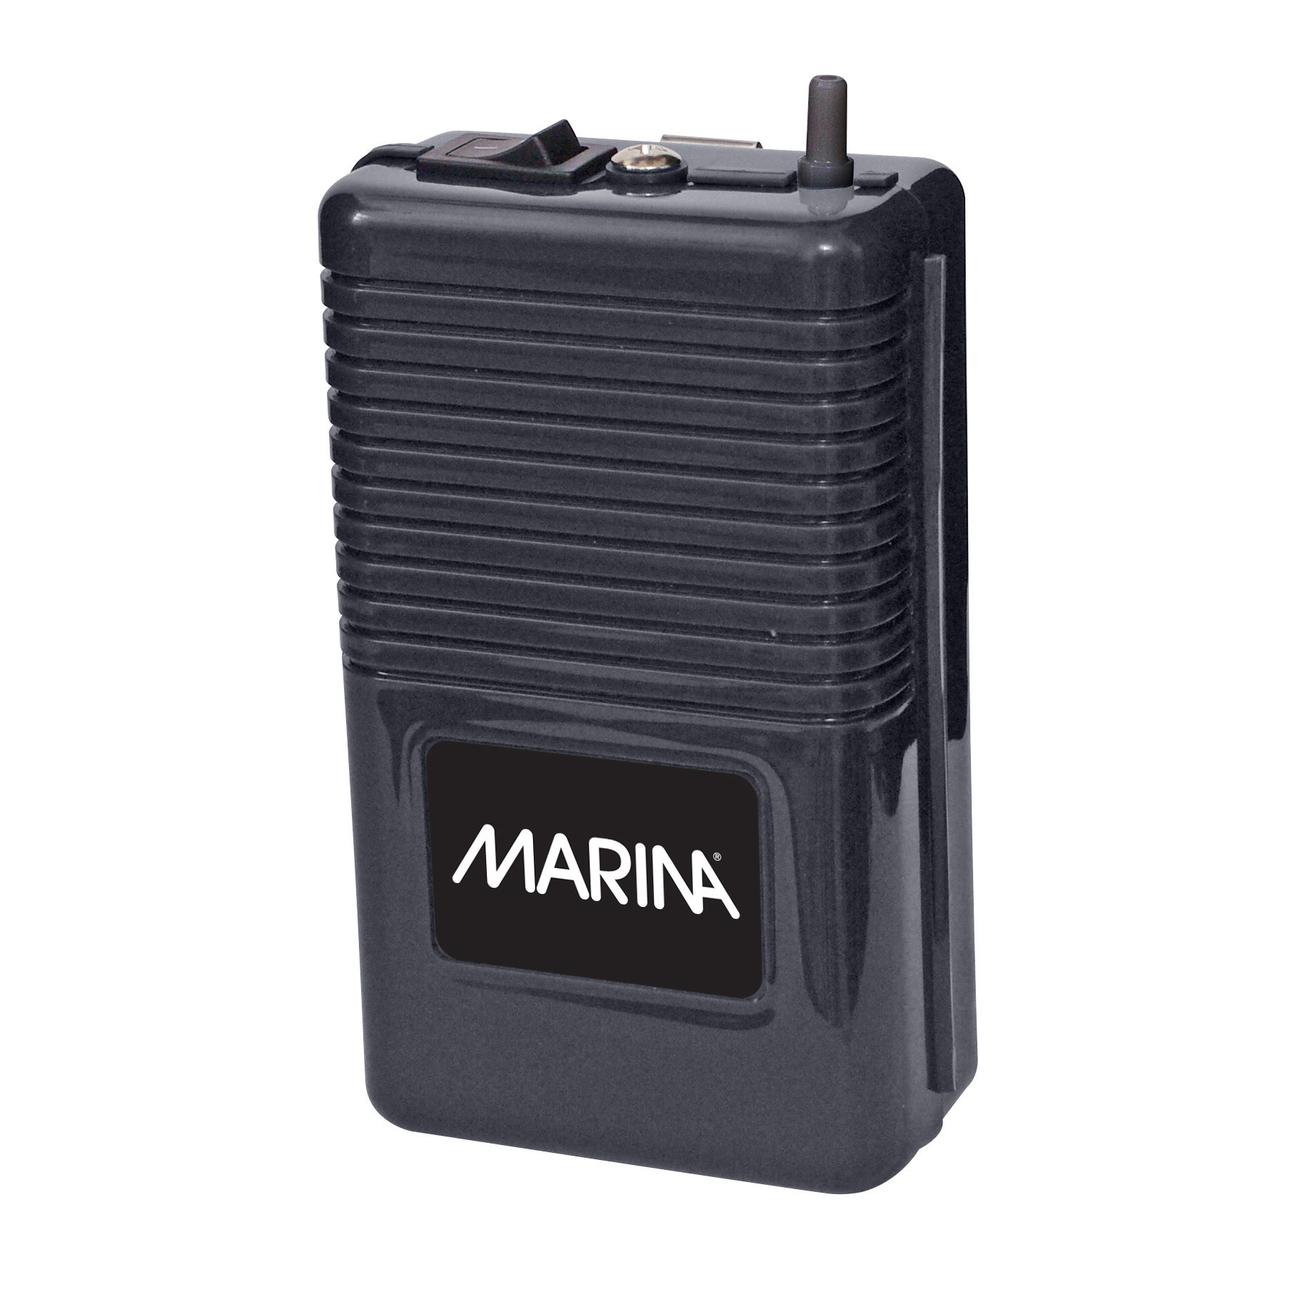 Hagen Marina Batterie Durchlüfterpumpe, 8,0 x 14,0 x 4,5 cm